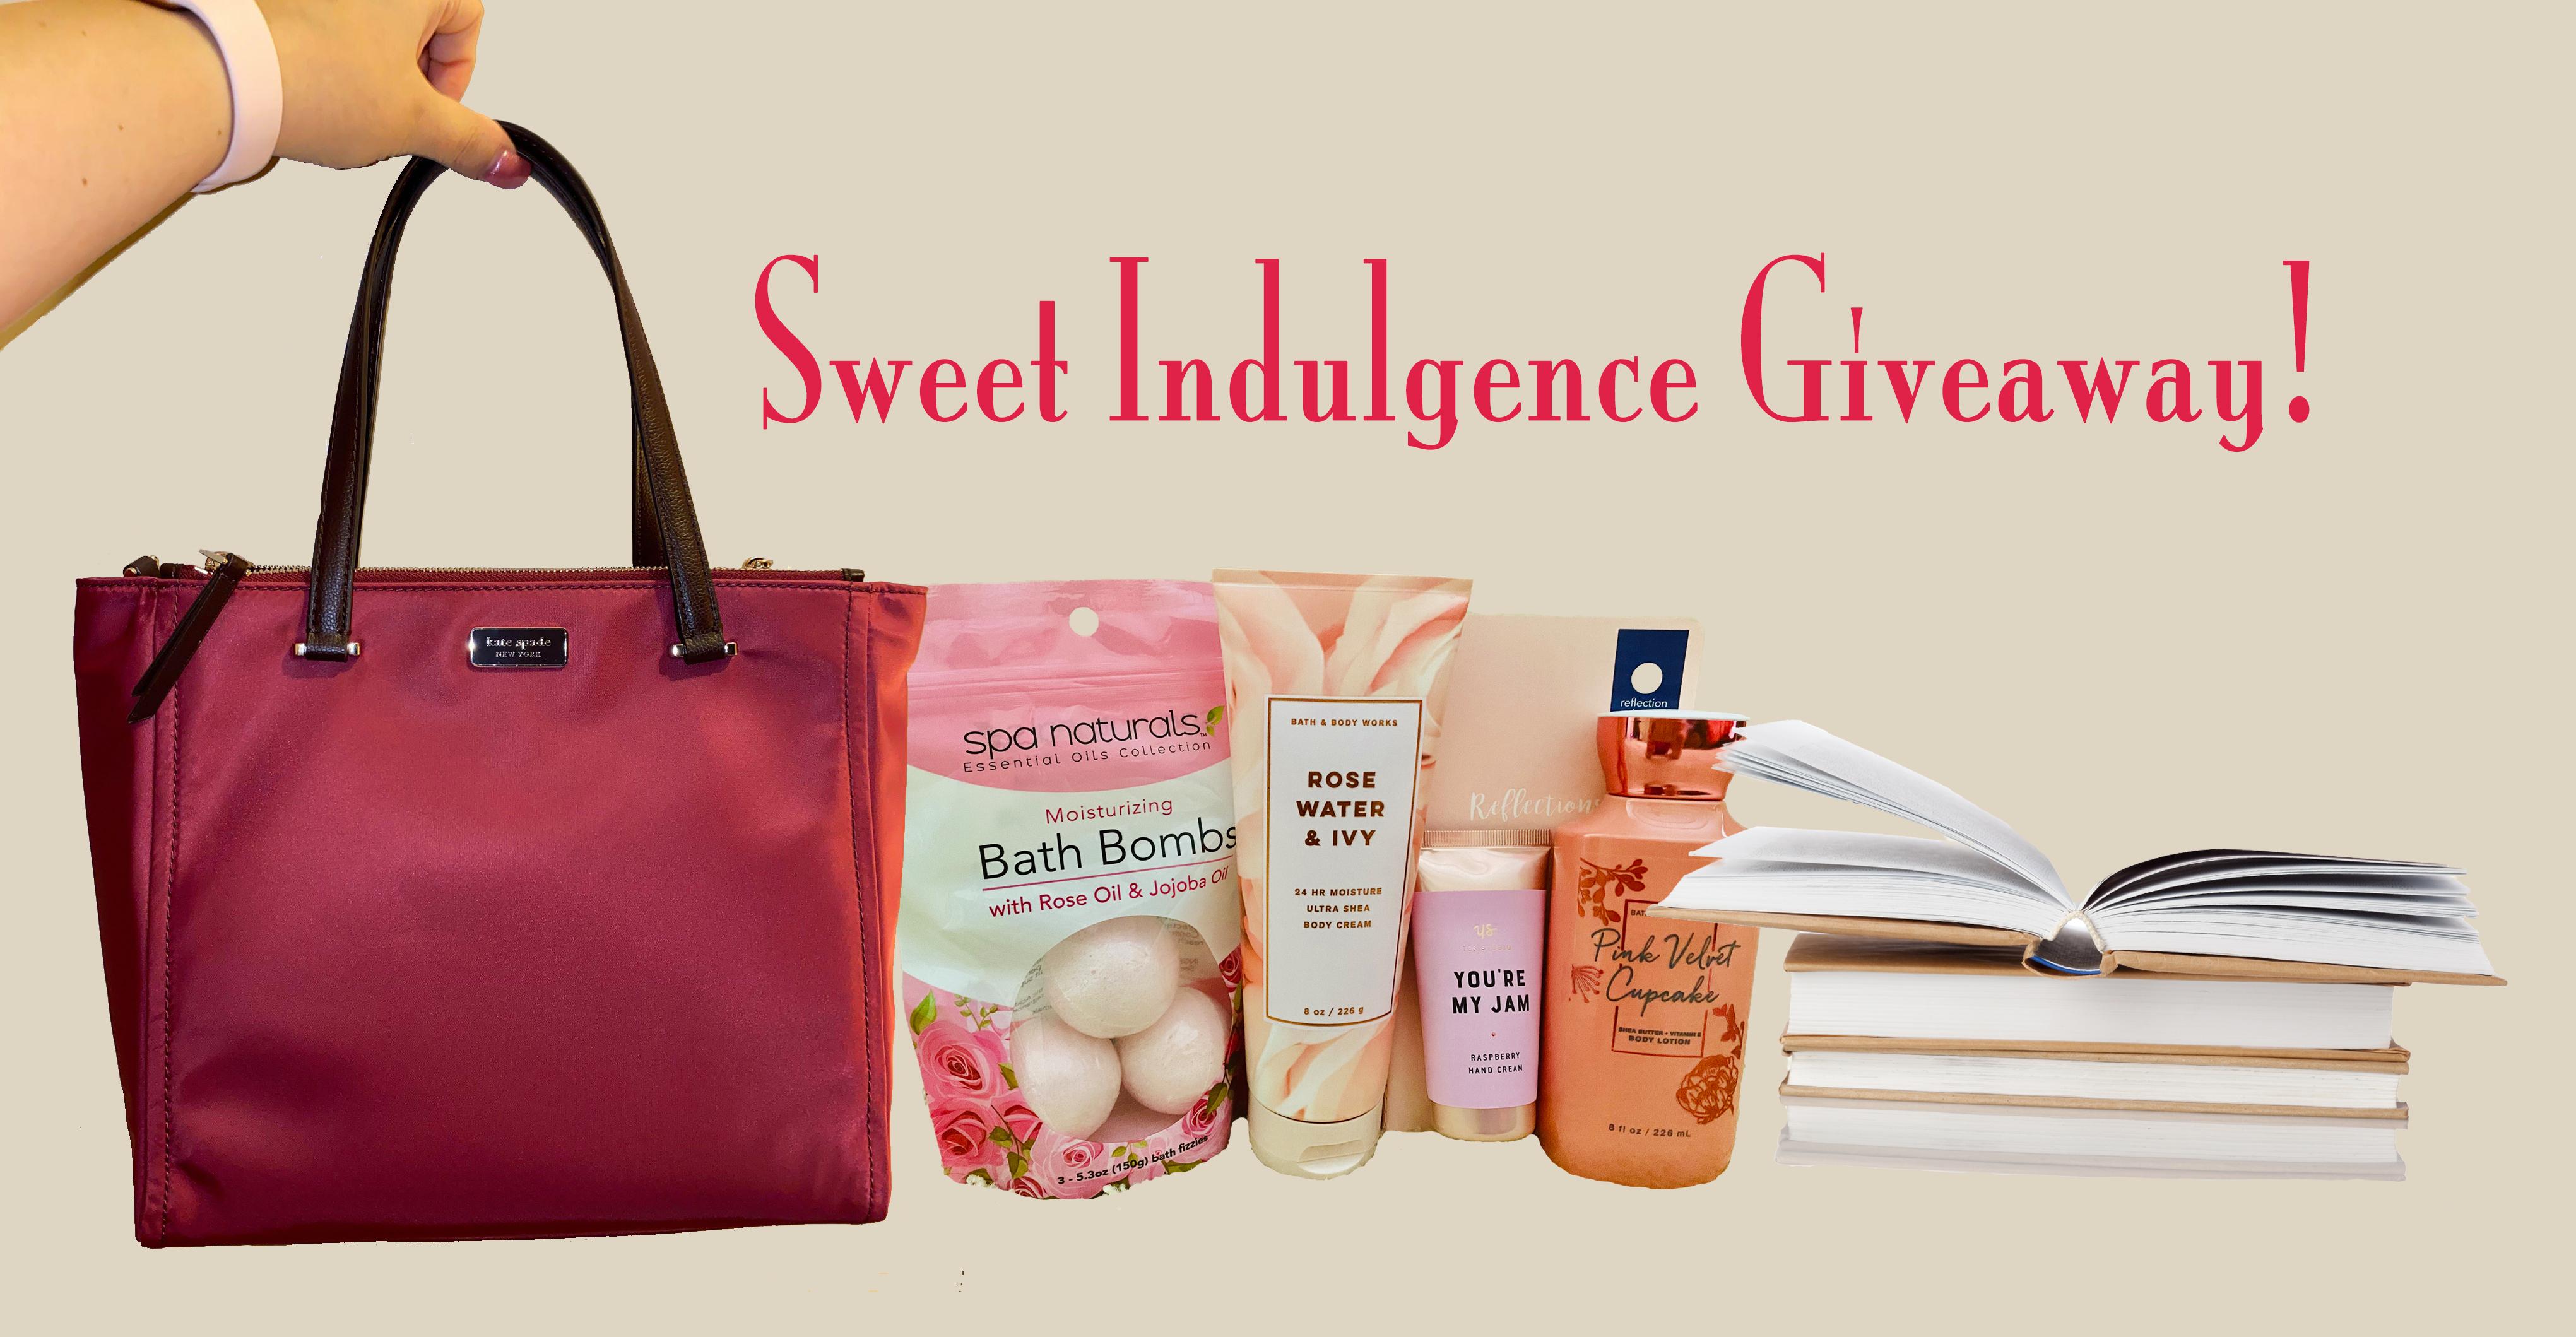 Sweet Indulgence Giveaway Sweepstakes